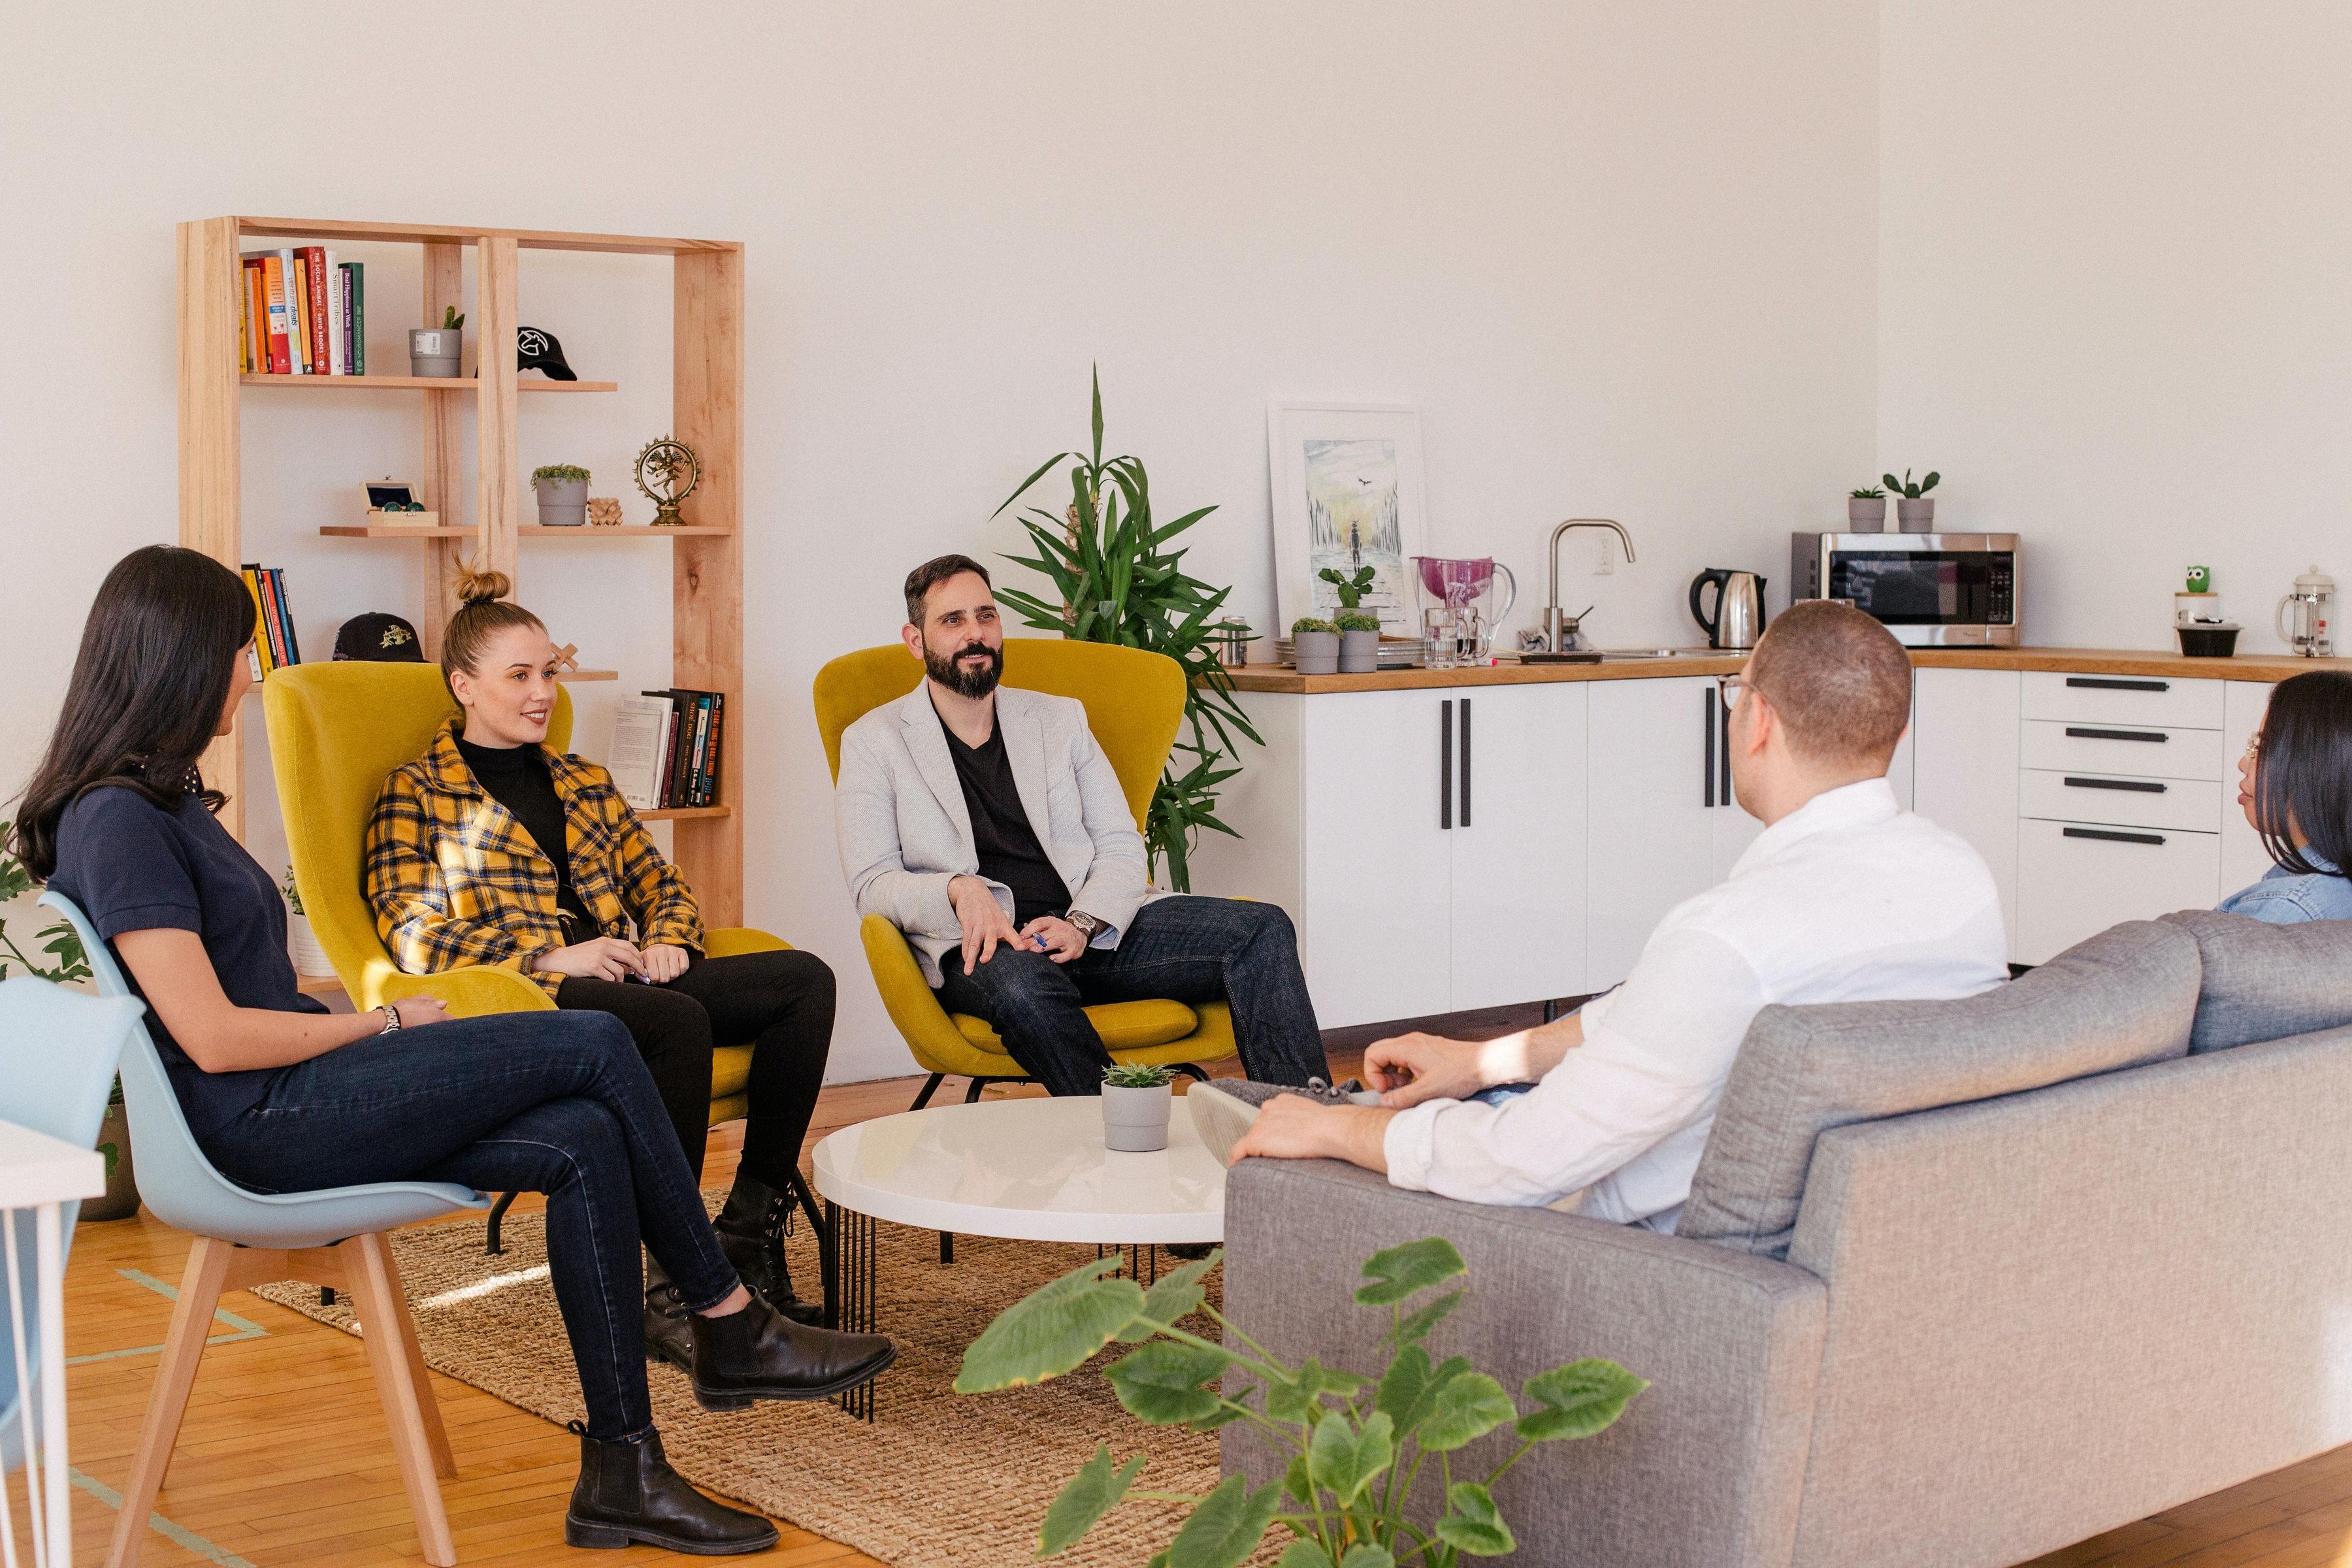 entrevistas-conductuales-blog-image